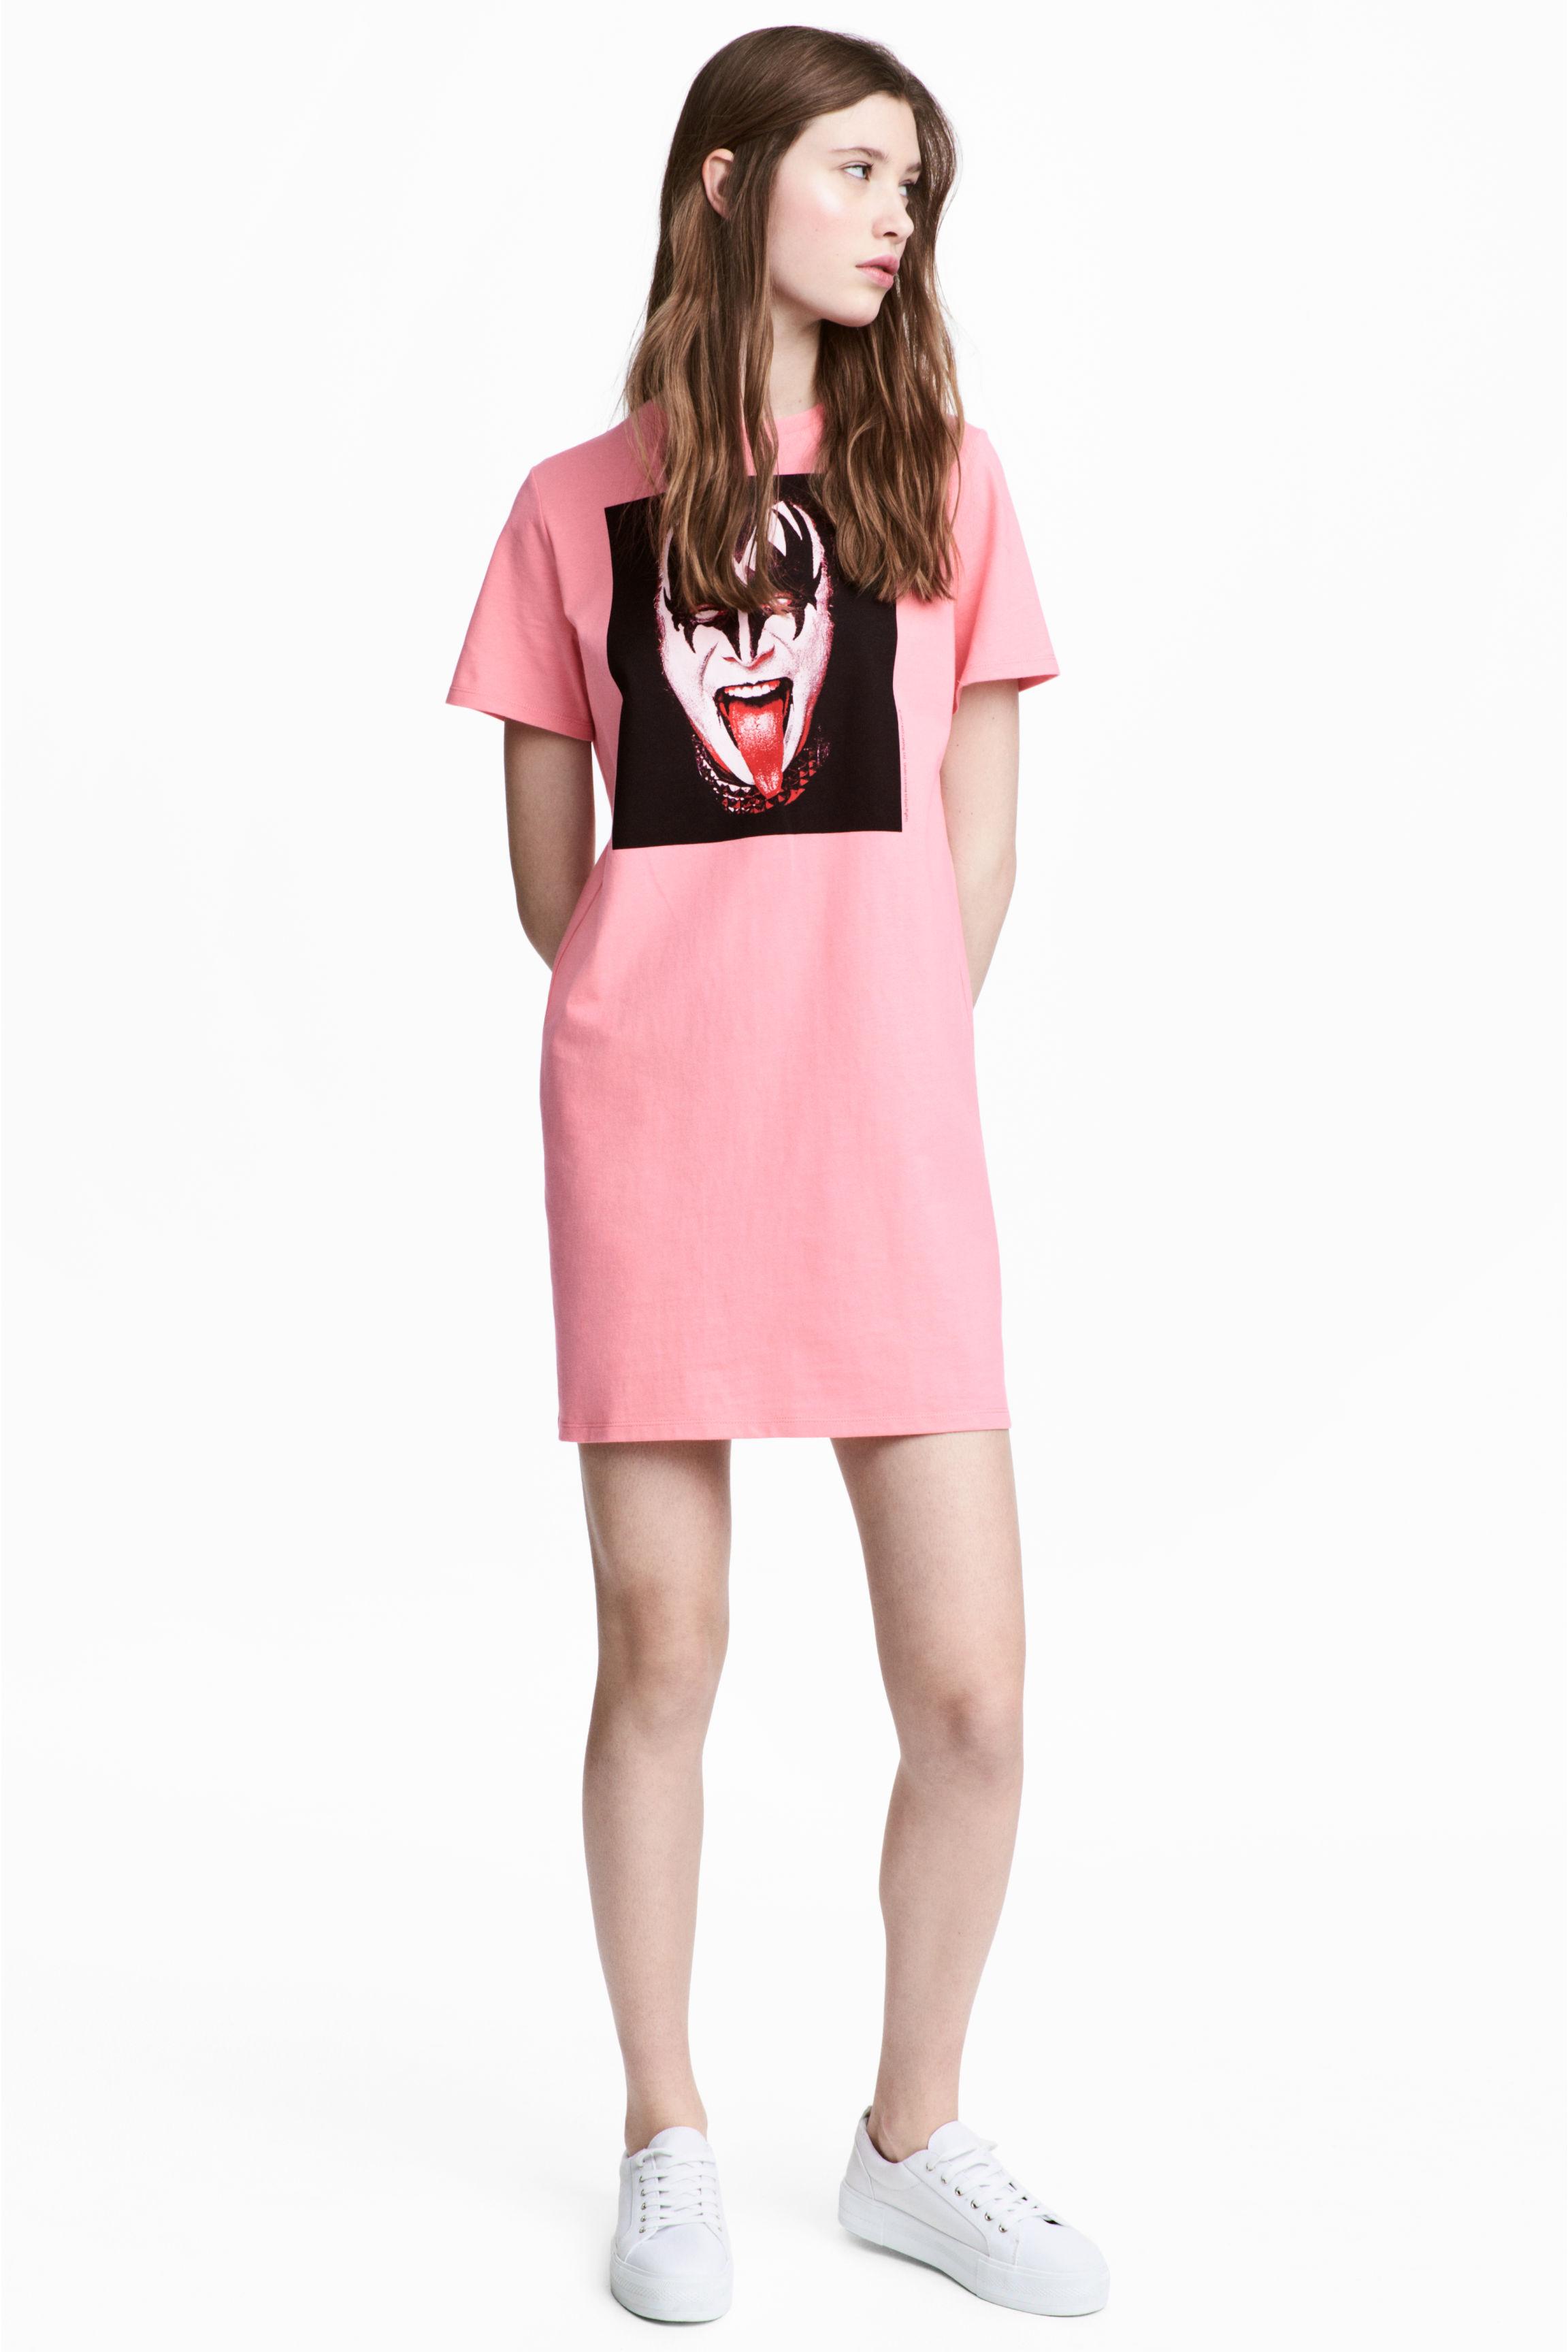 Bonito H & M Vestidos De Fiesta Imágenes - Colección de Vestidos de ...